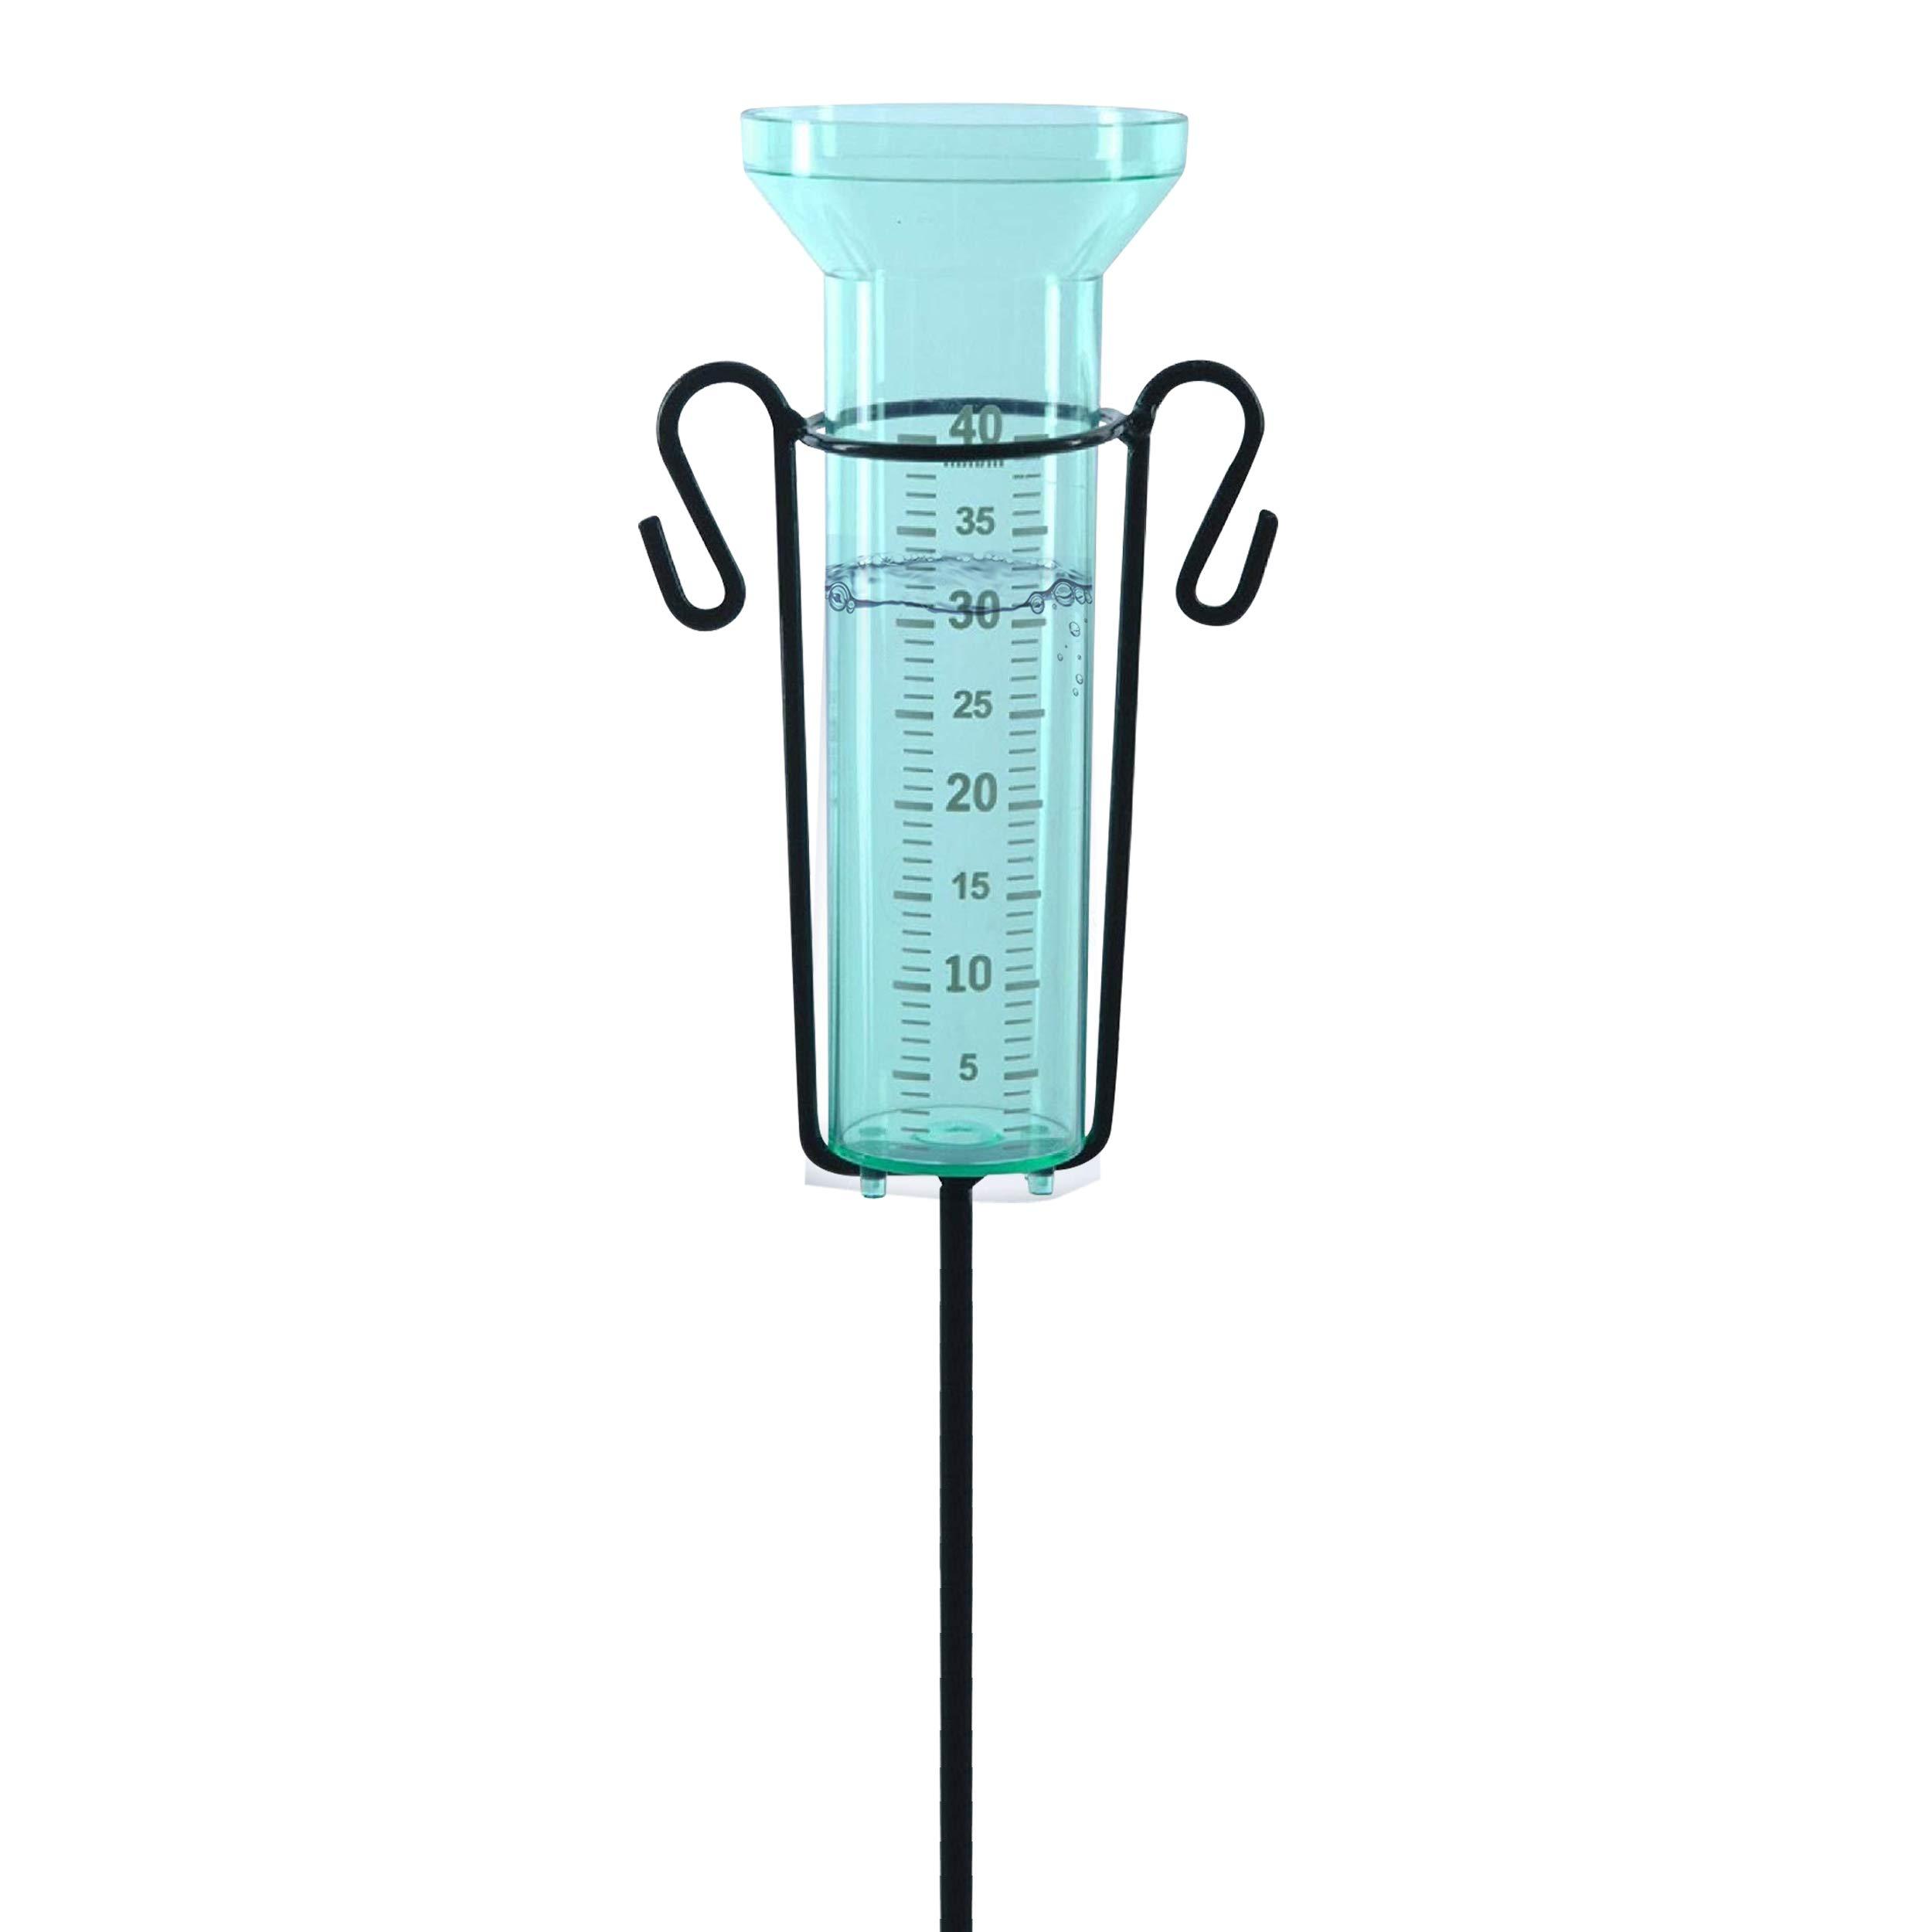 Regenmesser Halterung Wasser Boden Garten Einfach Messwerkzeug langlebig